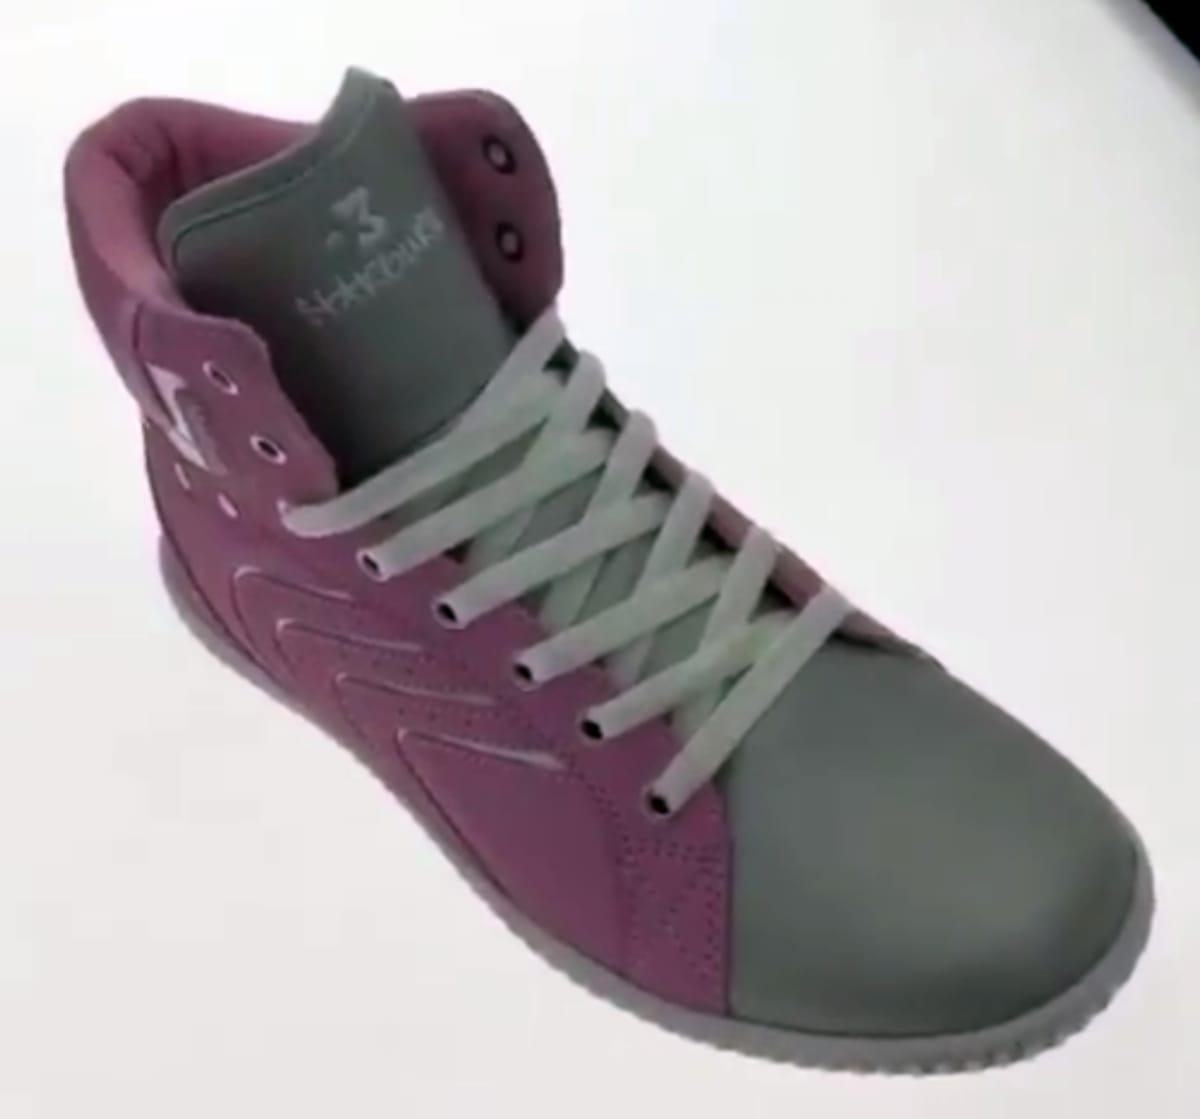 9d8639b243f48 Starbury Stephon Marbury Sneakers Release Date